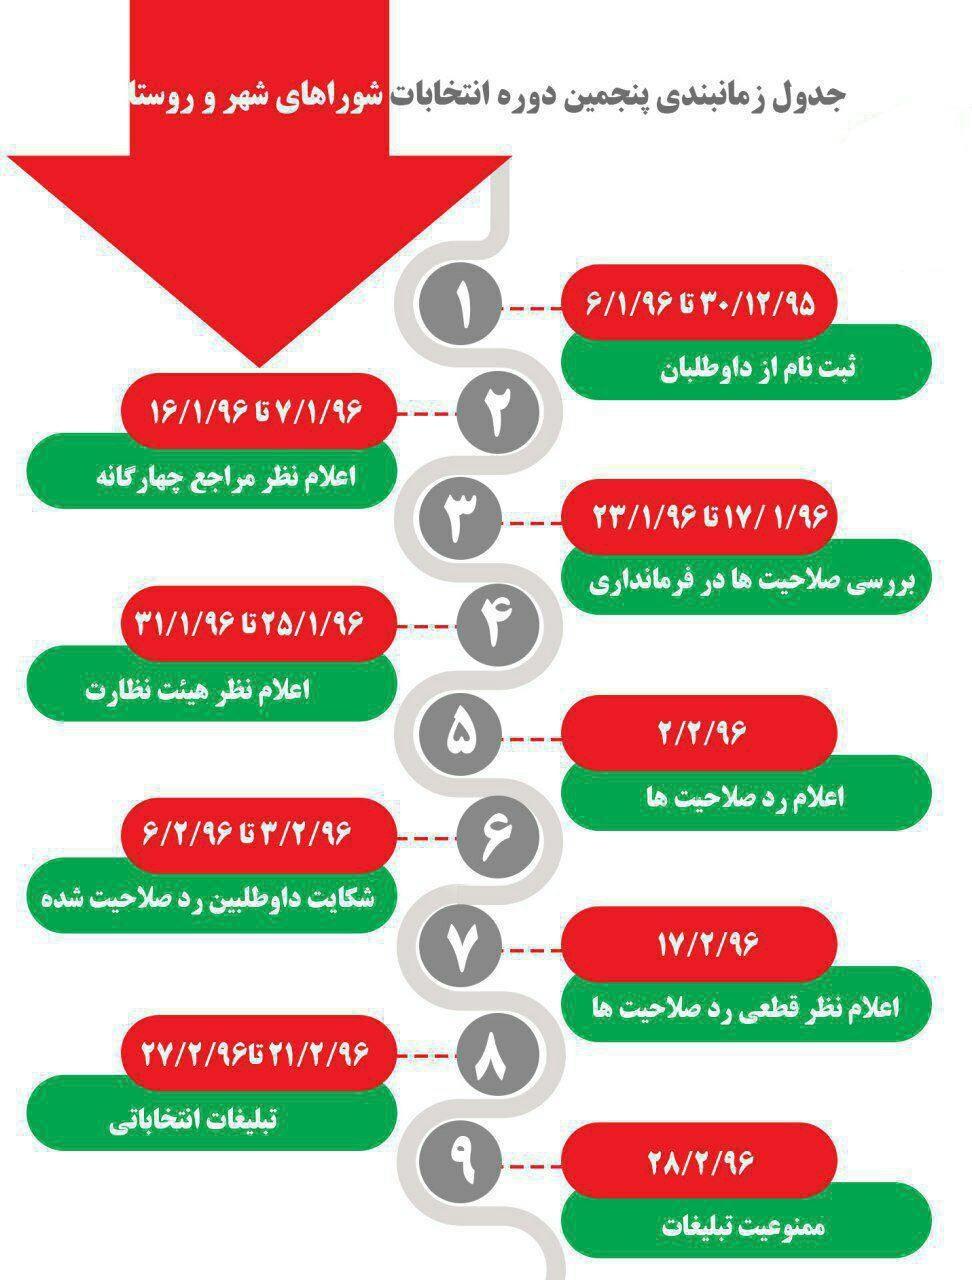 زمانبندی برگزاری انتخابات شوراهای شهر و روستا